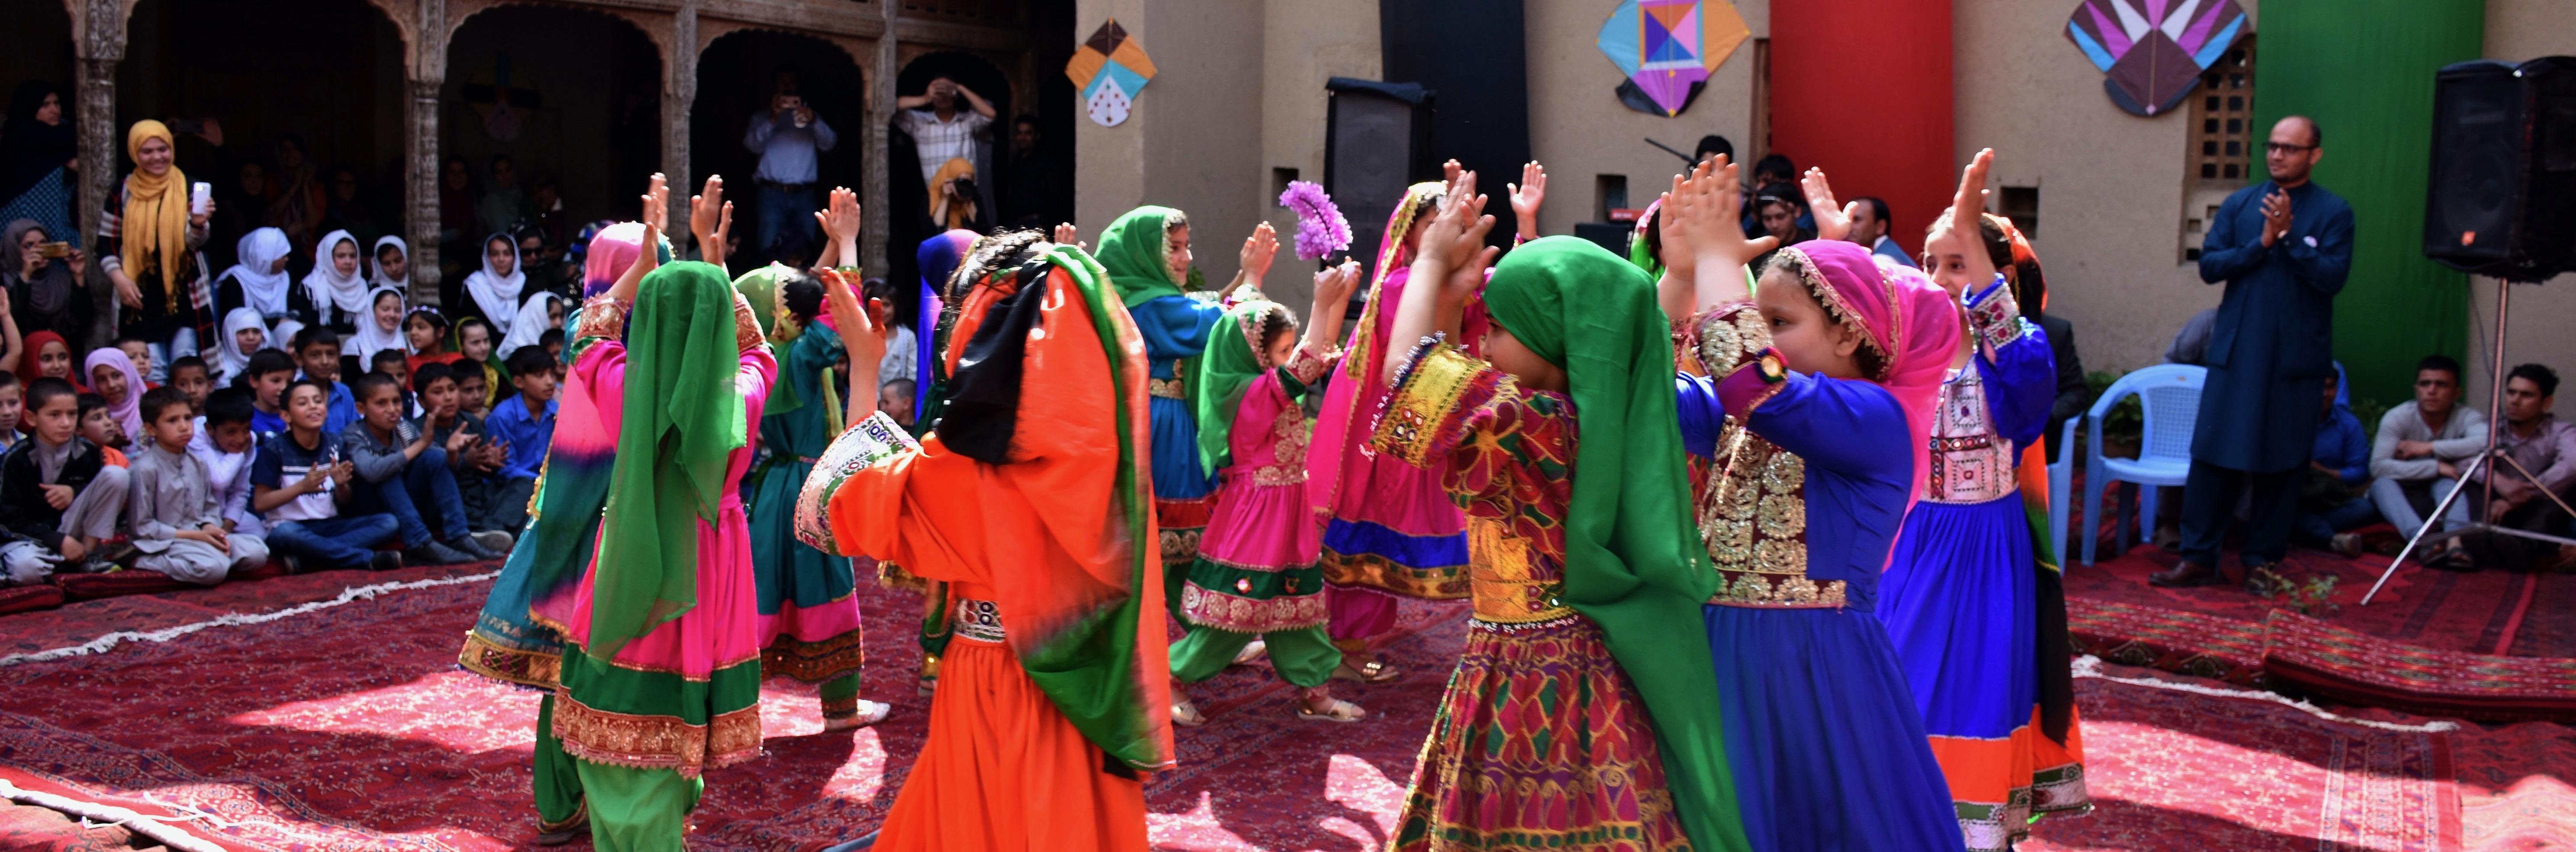 2018 04 05 MK Community Nawruz Festival87